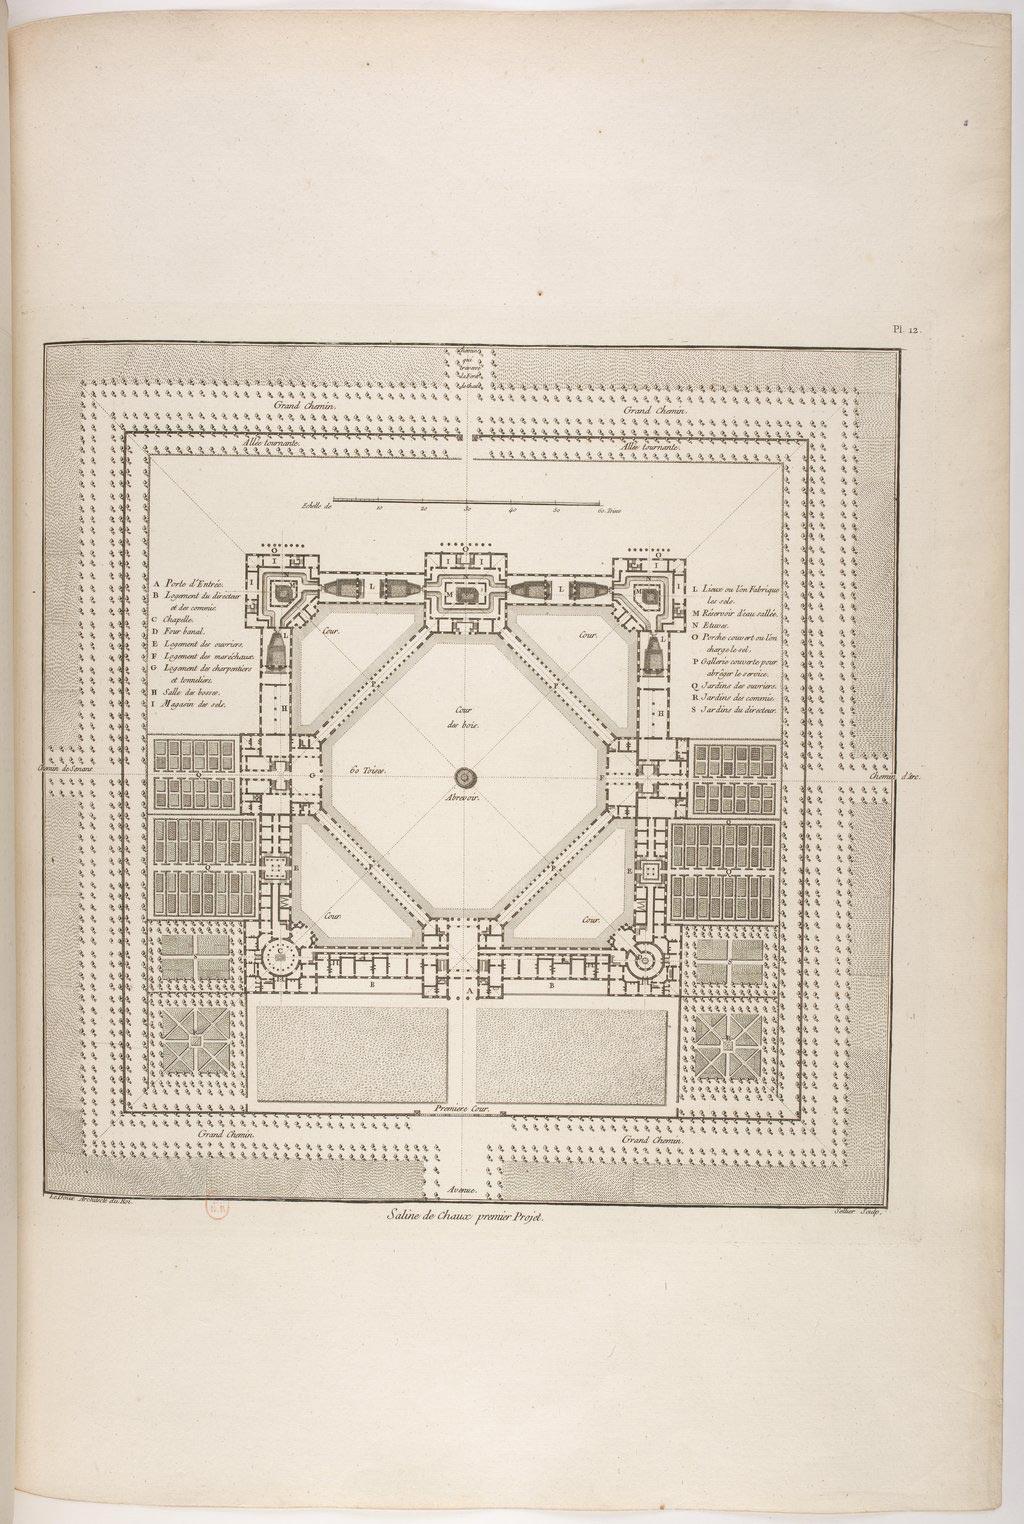 ledoux-claude-architecture-275